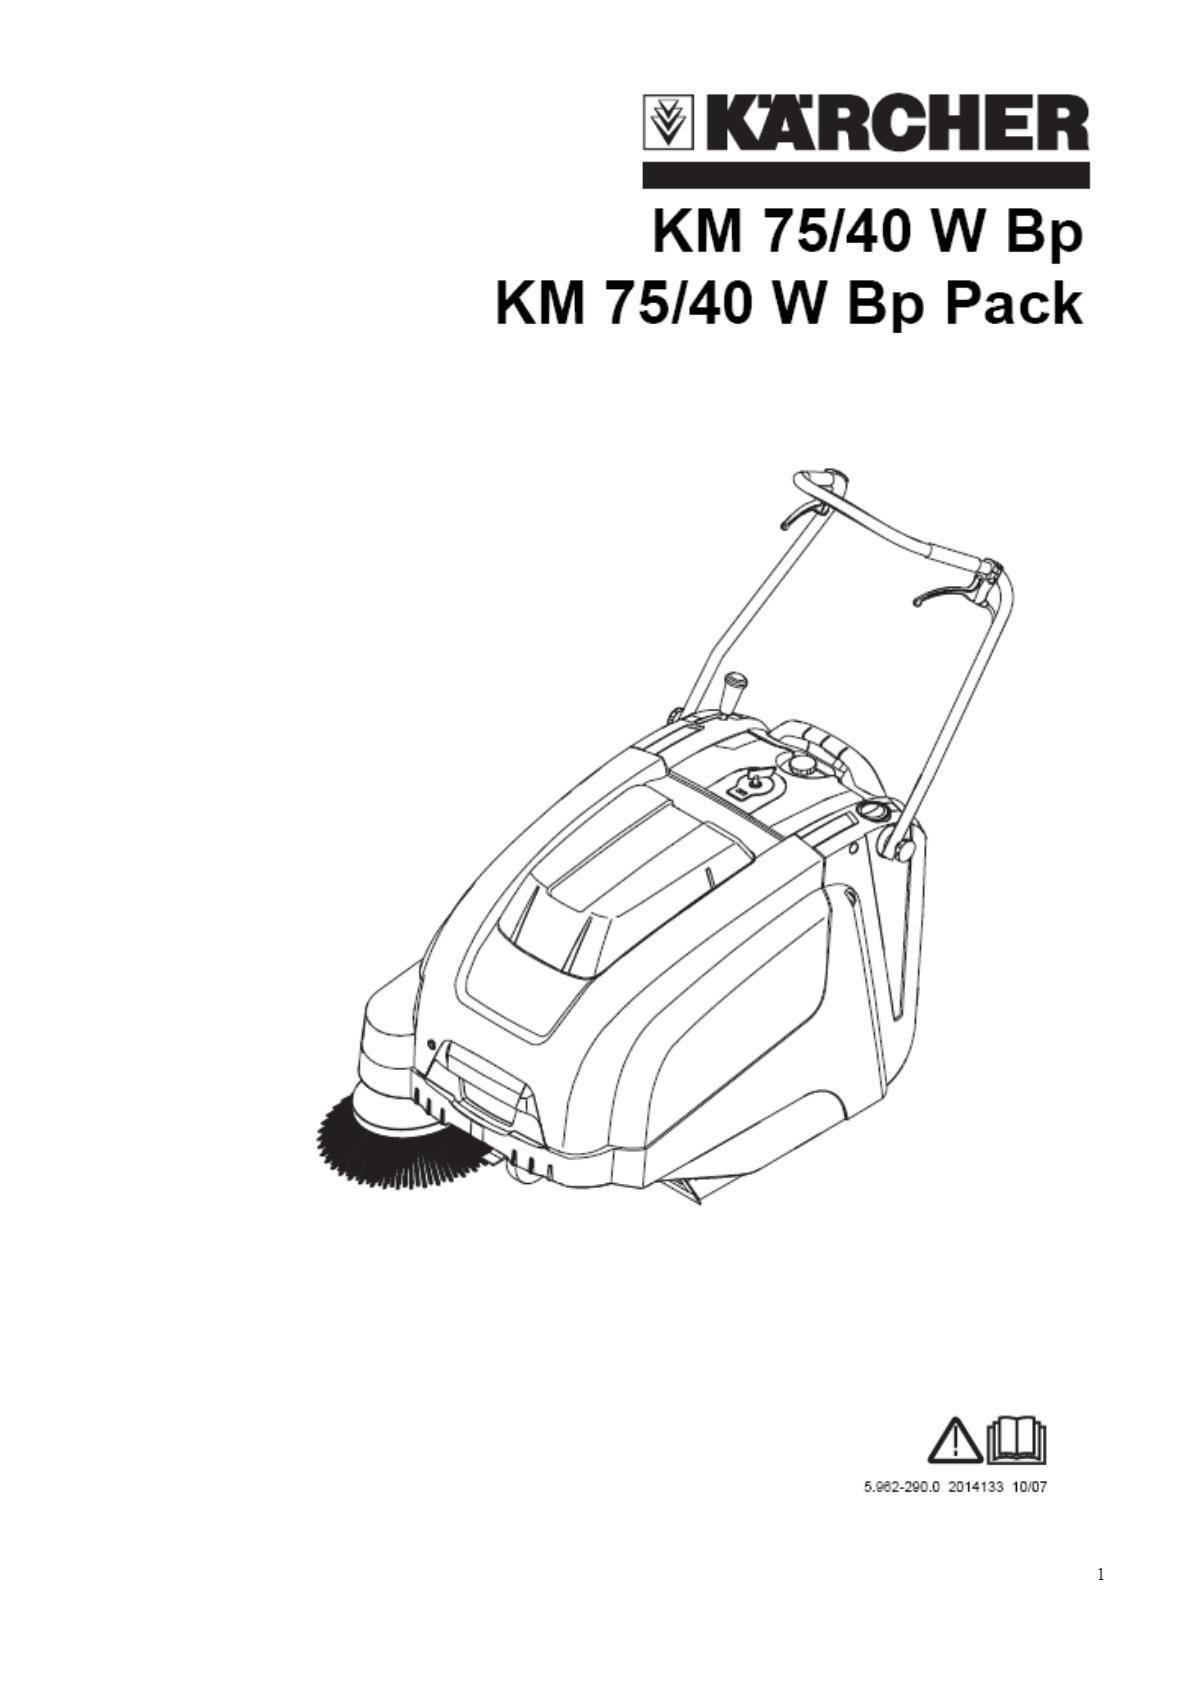 手推式吸尘扫地机 KM 75/40 W Bp Pack 说明书说明书下载